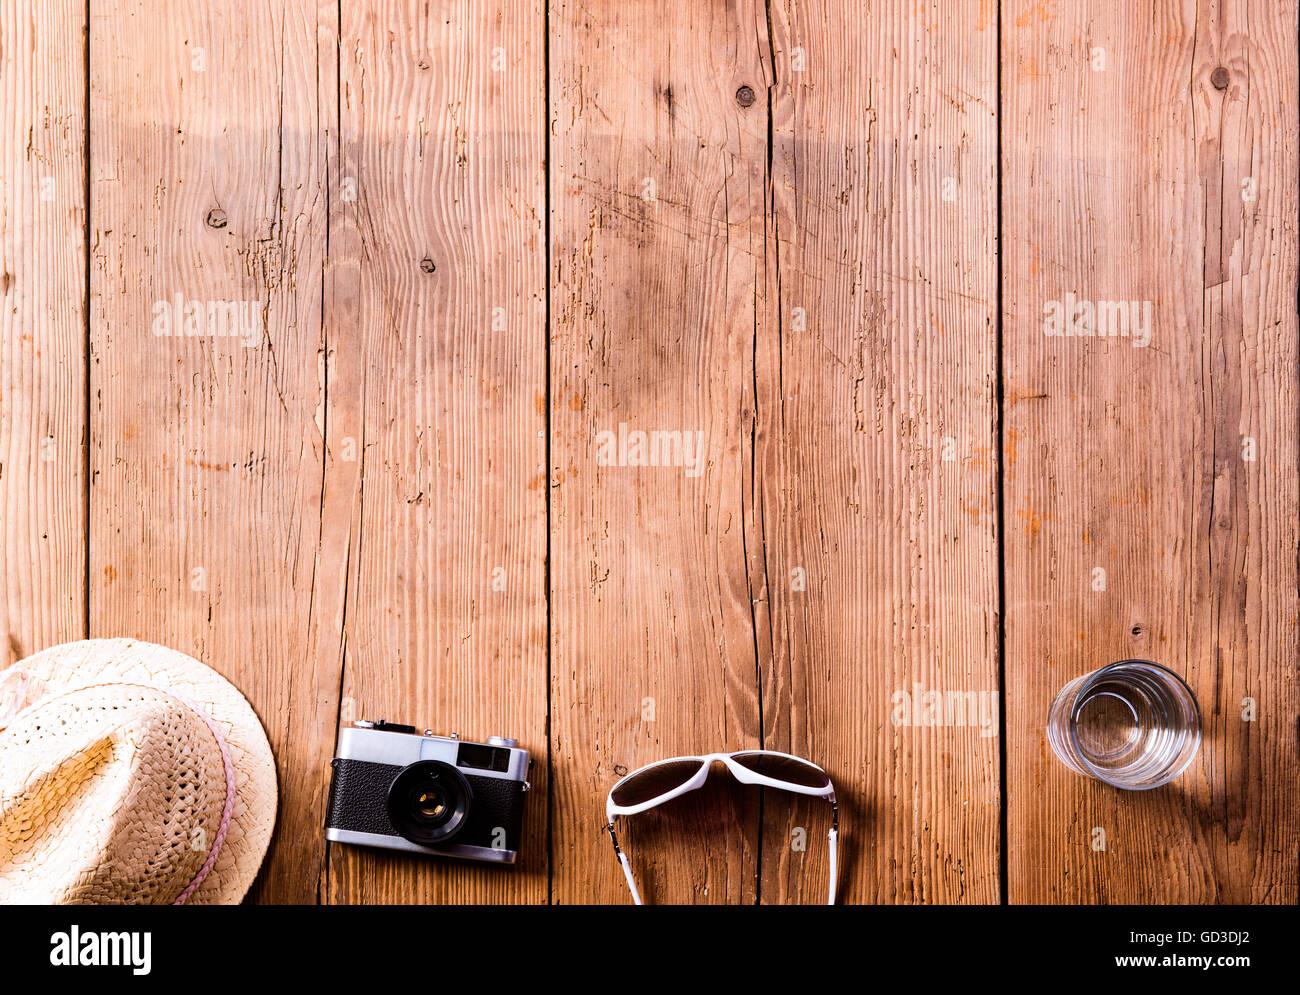 Sommer Urlaub Zusammensetzung. Hut, Kamera, Sonnenbrille, Wasser ...